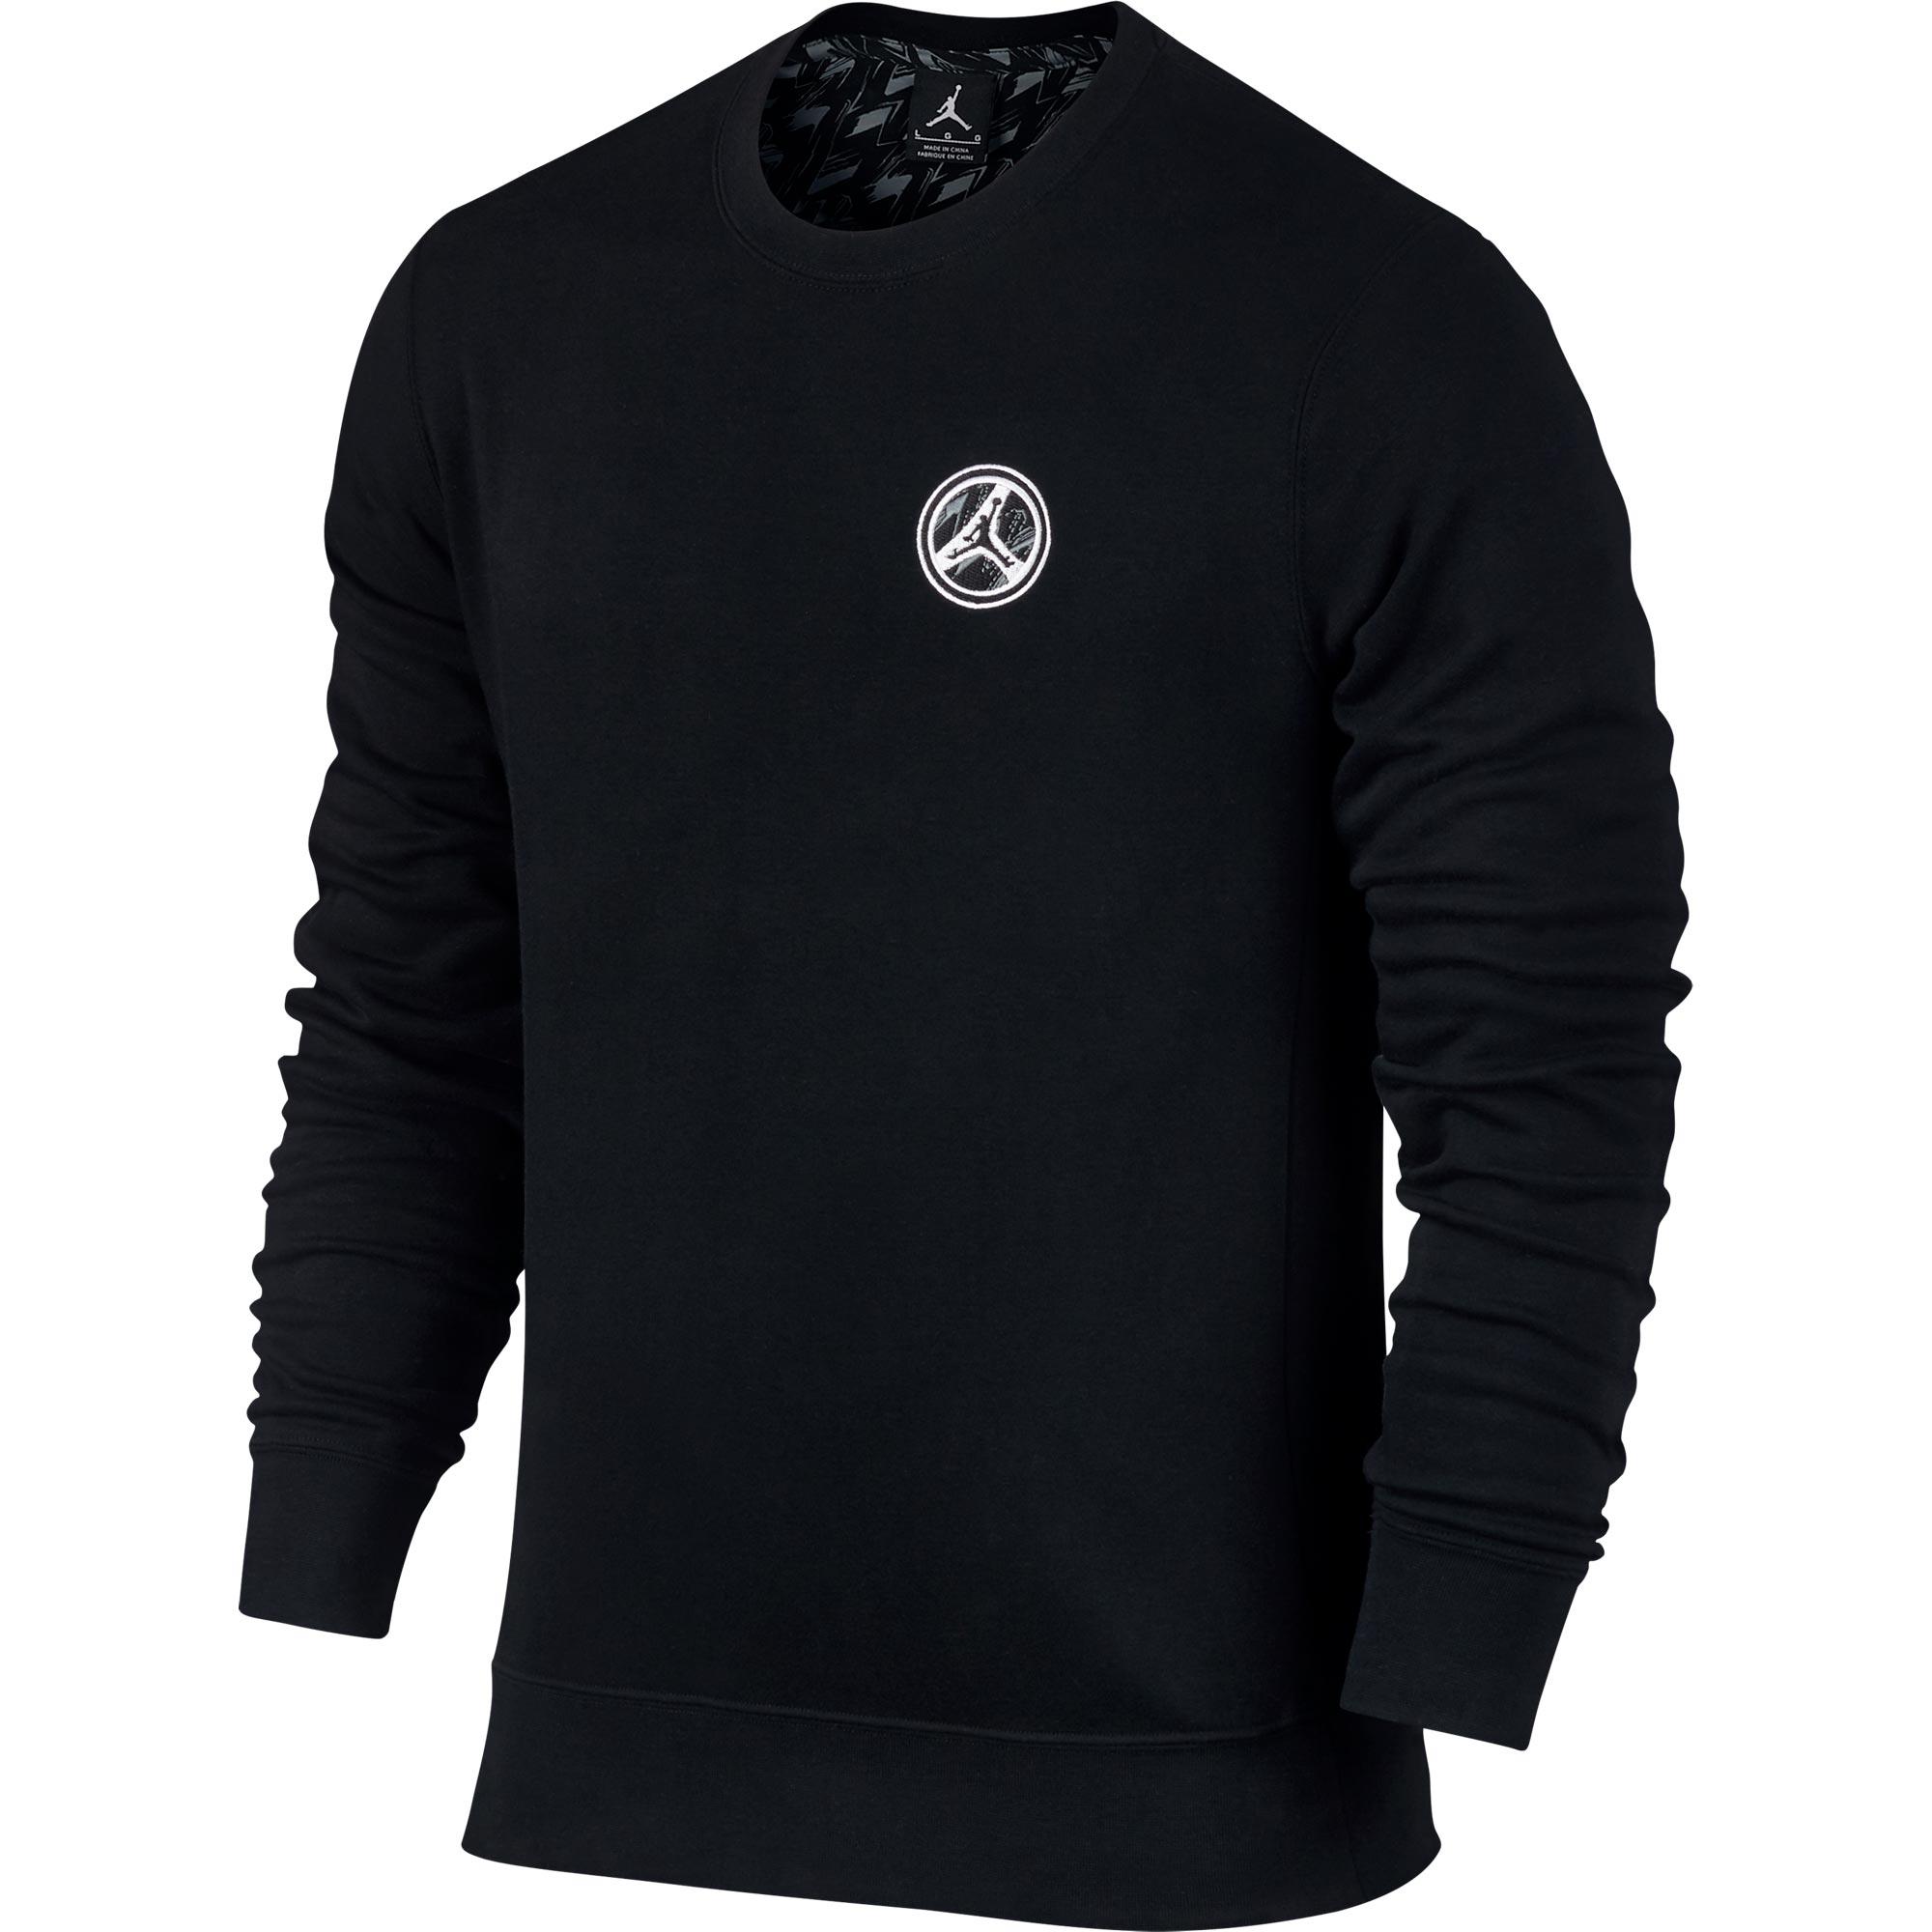 Jordan AJ 8 Fleece Crew Sweatshirt - Black/White - Mens